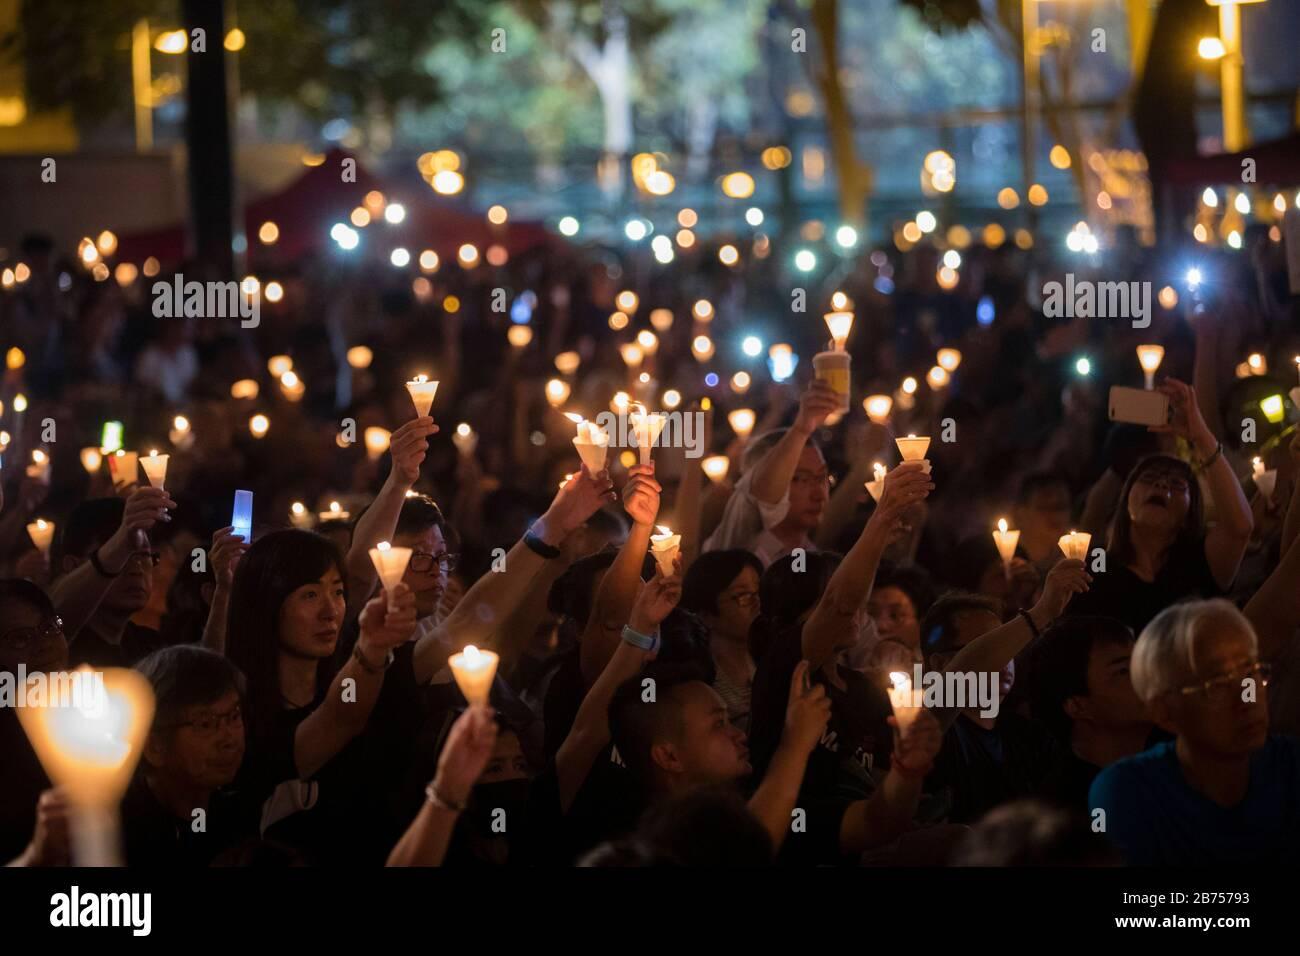 Los participantes asisten a la vigilia anual a la luz de las velas que conmemora el 30º aniversario de la masacre de la Plaza Tiananmen de Beijing en 1989 en el Parque Victoria En Hong Kong, China, el 4 de junio de 2019. Foto de stock